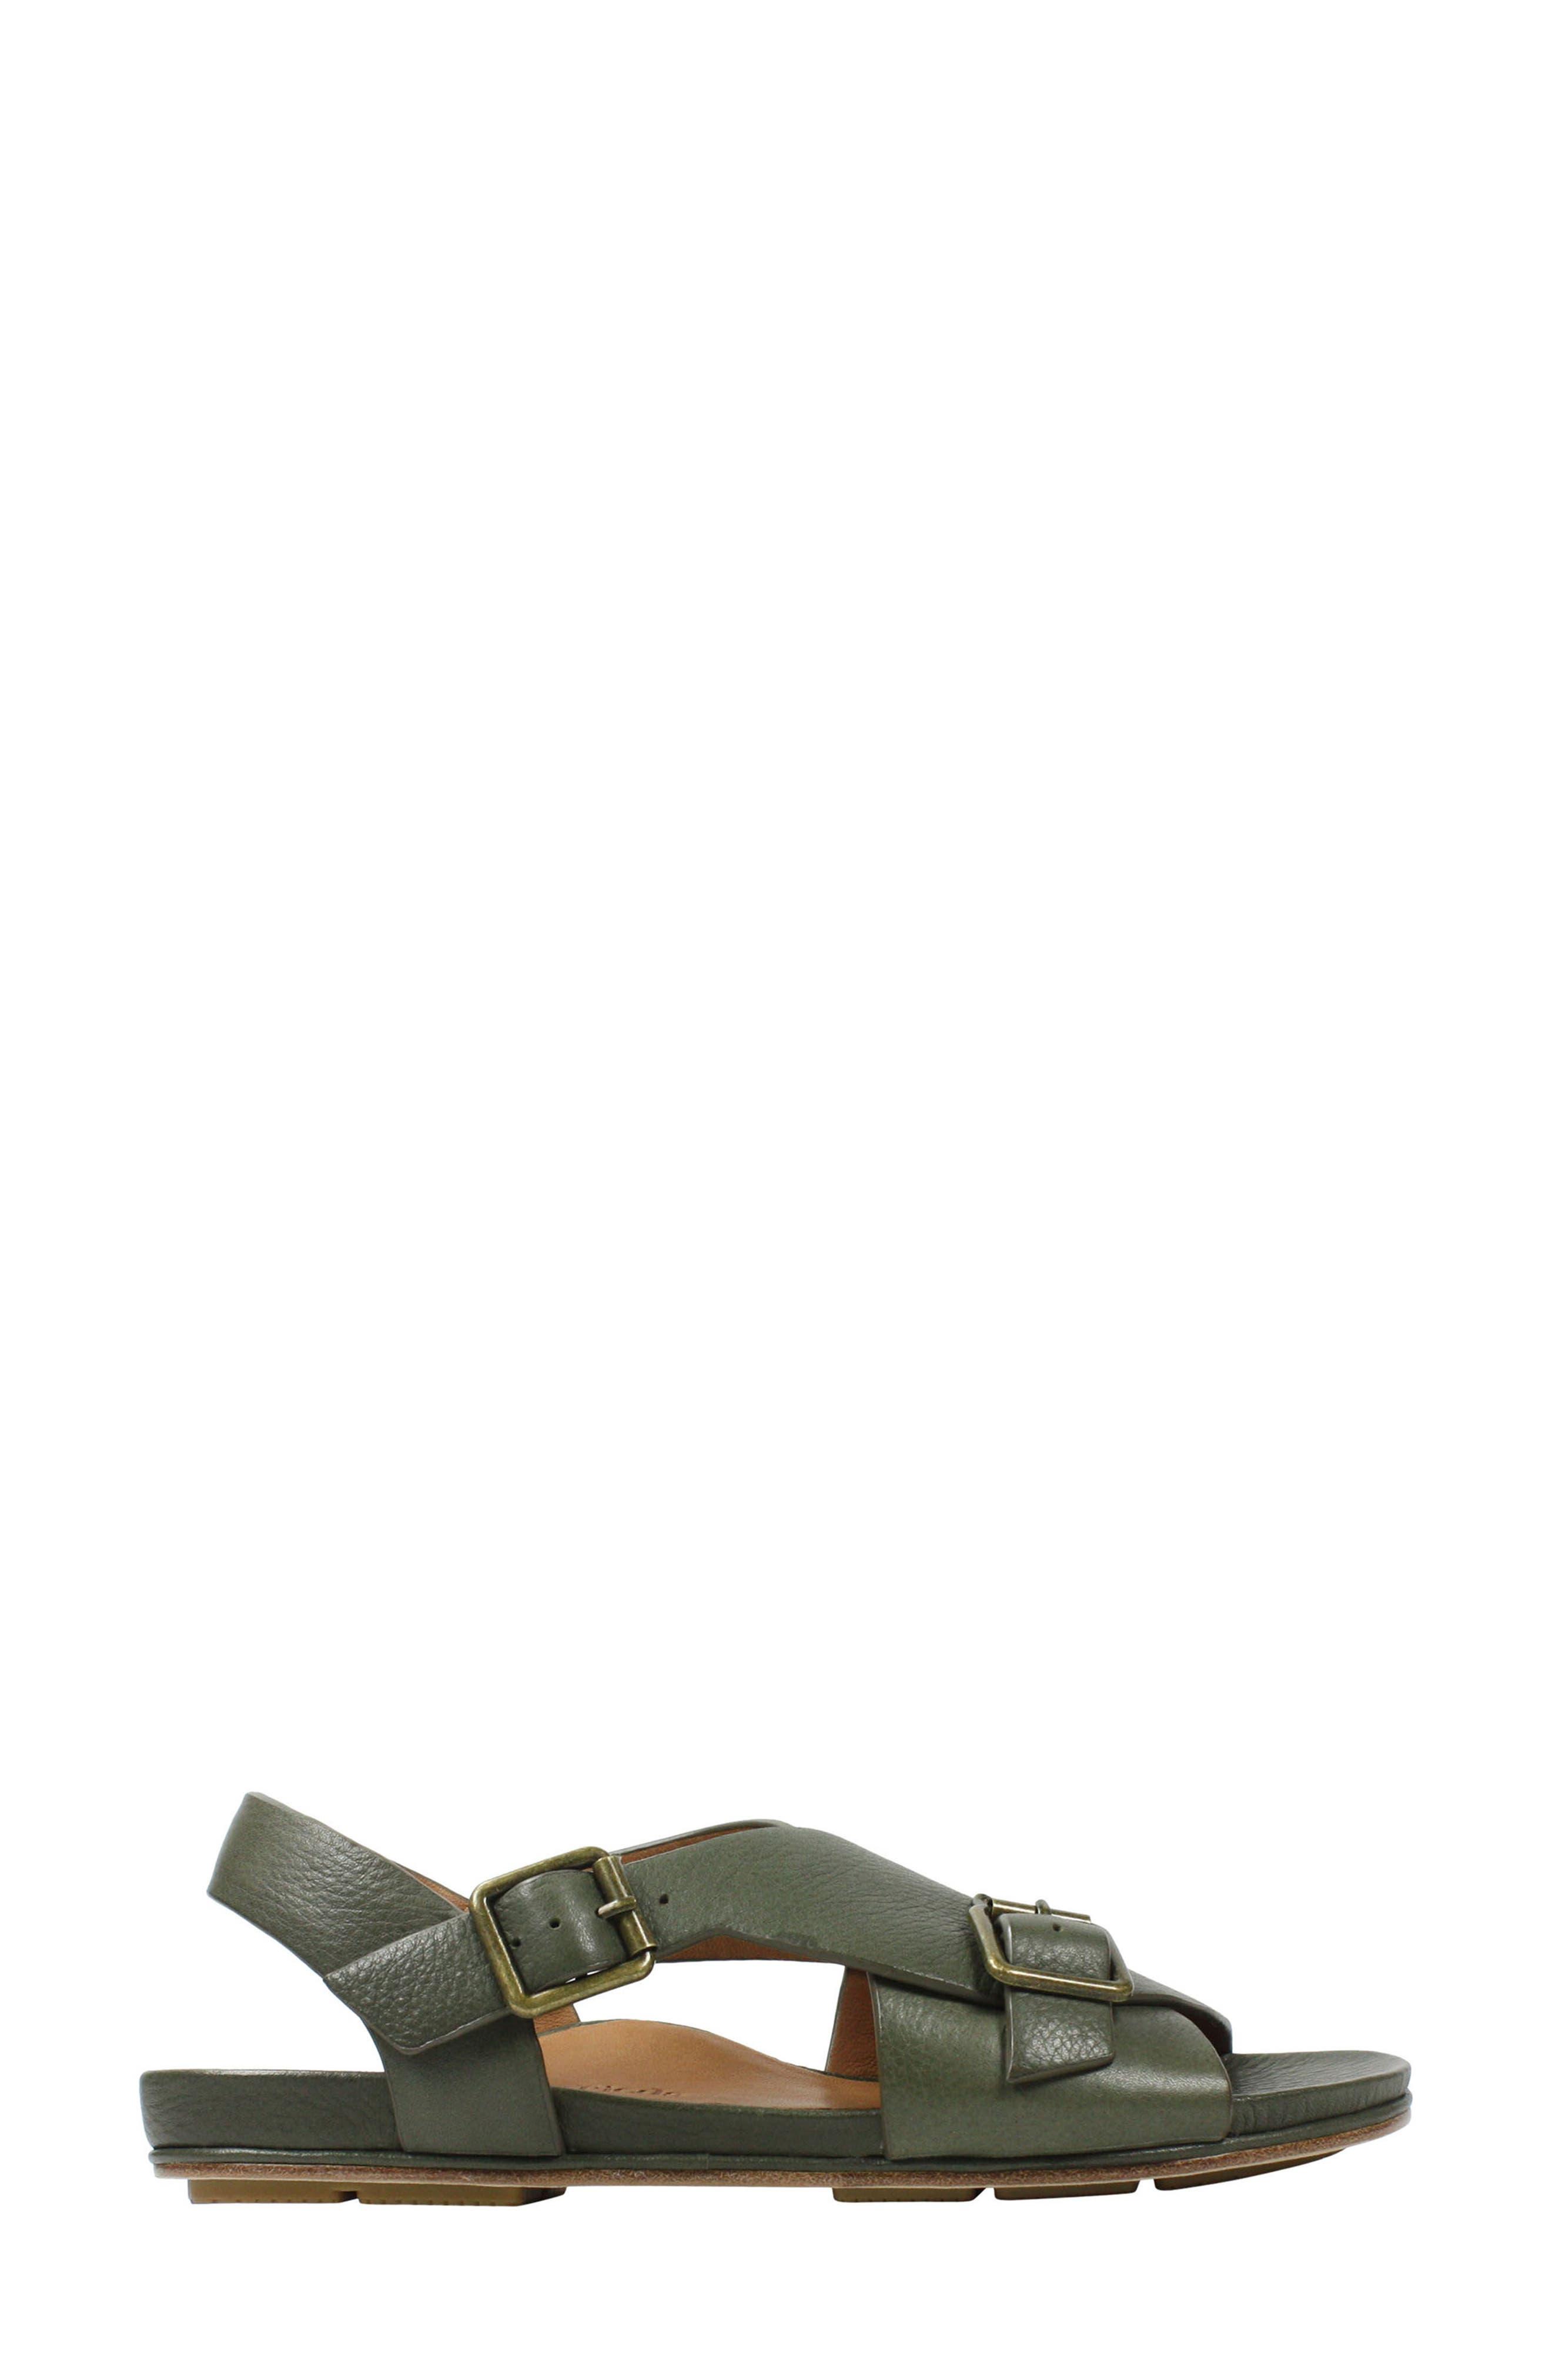 Dordogne Sandal,                             Alternate thumbnail 3, color,                             300